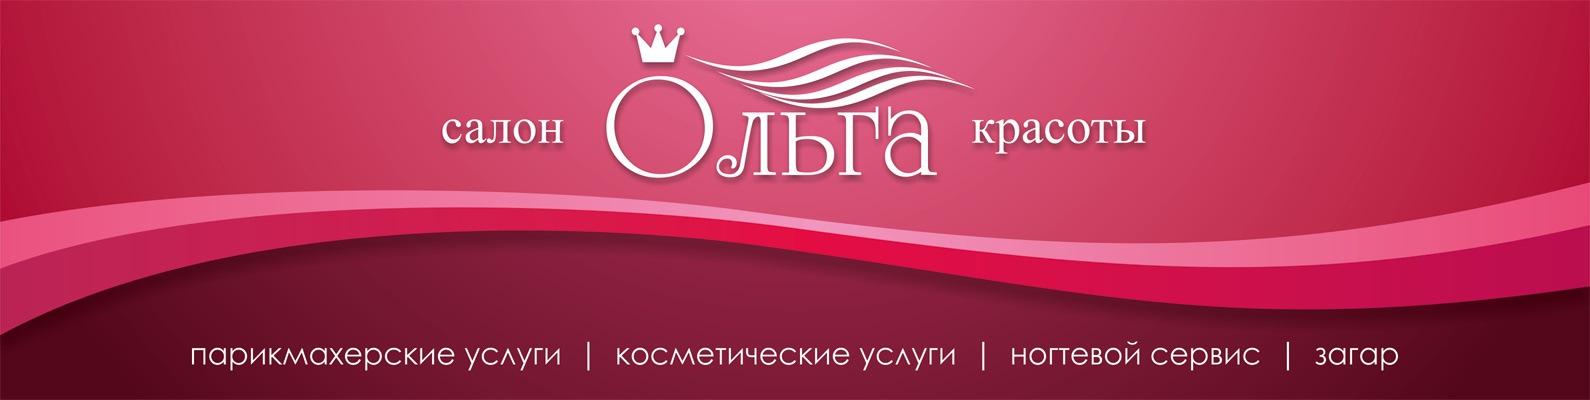 Салон красоты ольга официальный сайт